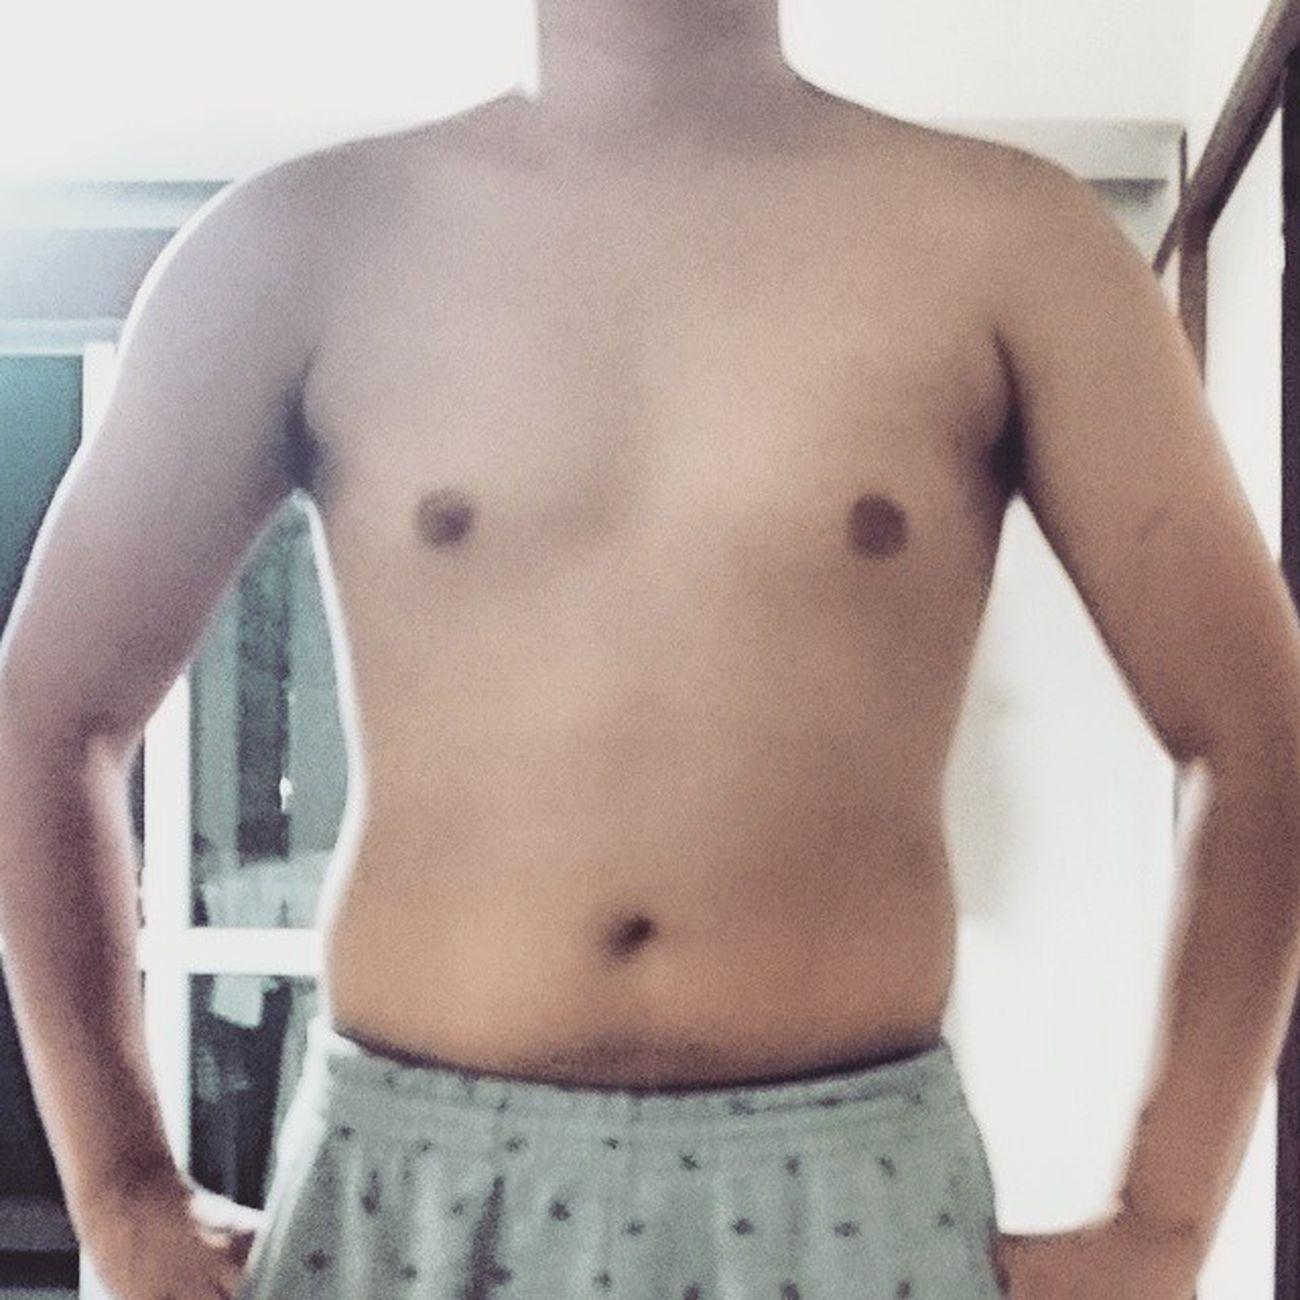 5月から7kg痩せた。 目標は70kg代 アシュライザップ